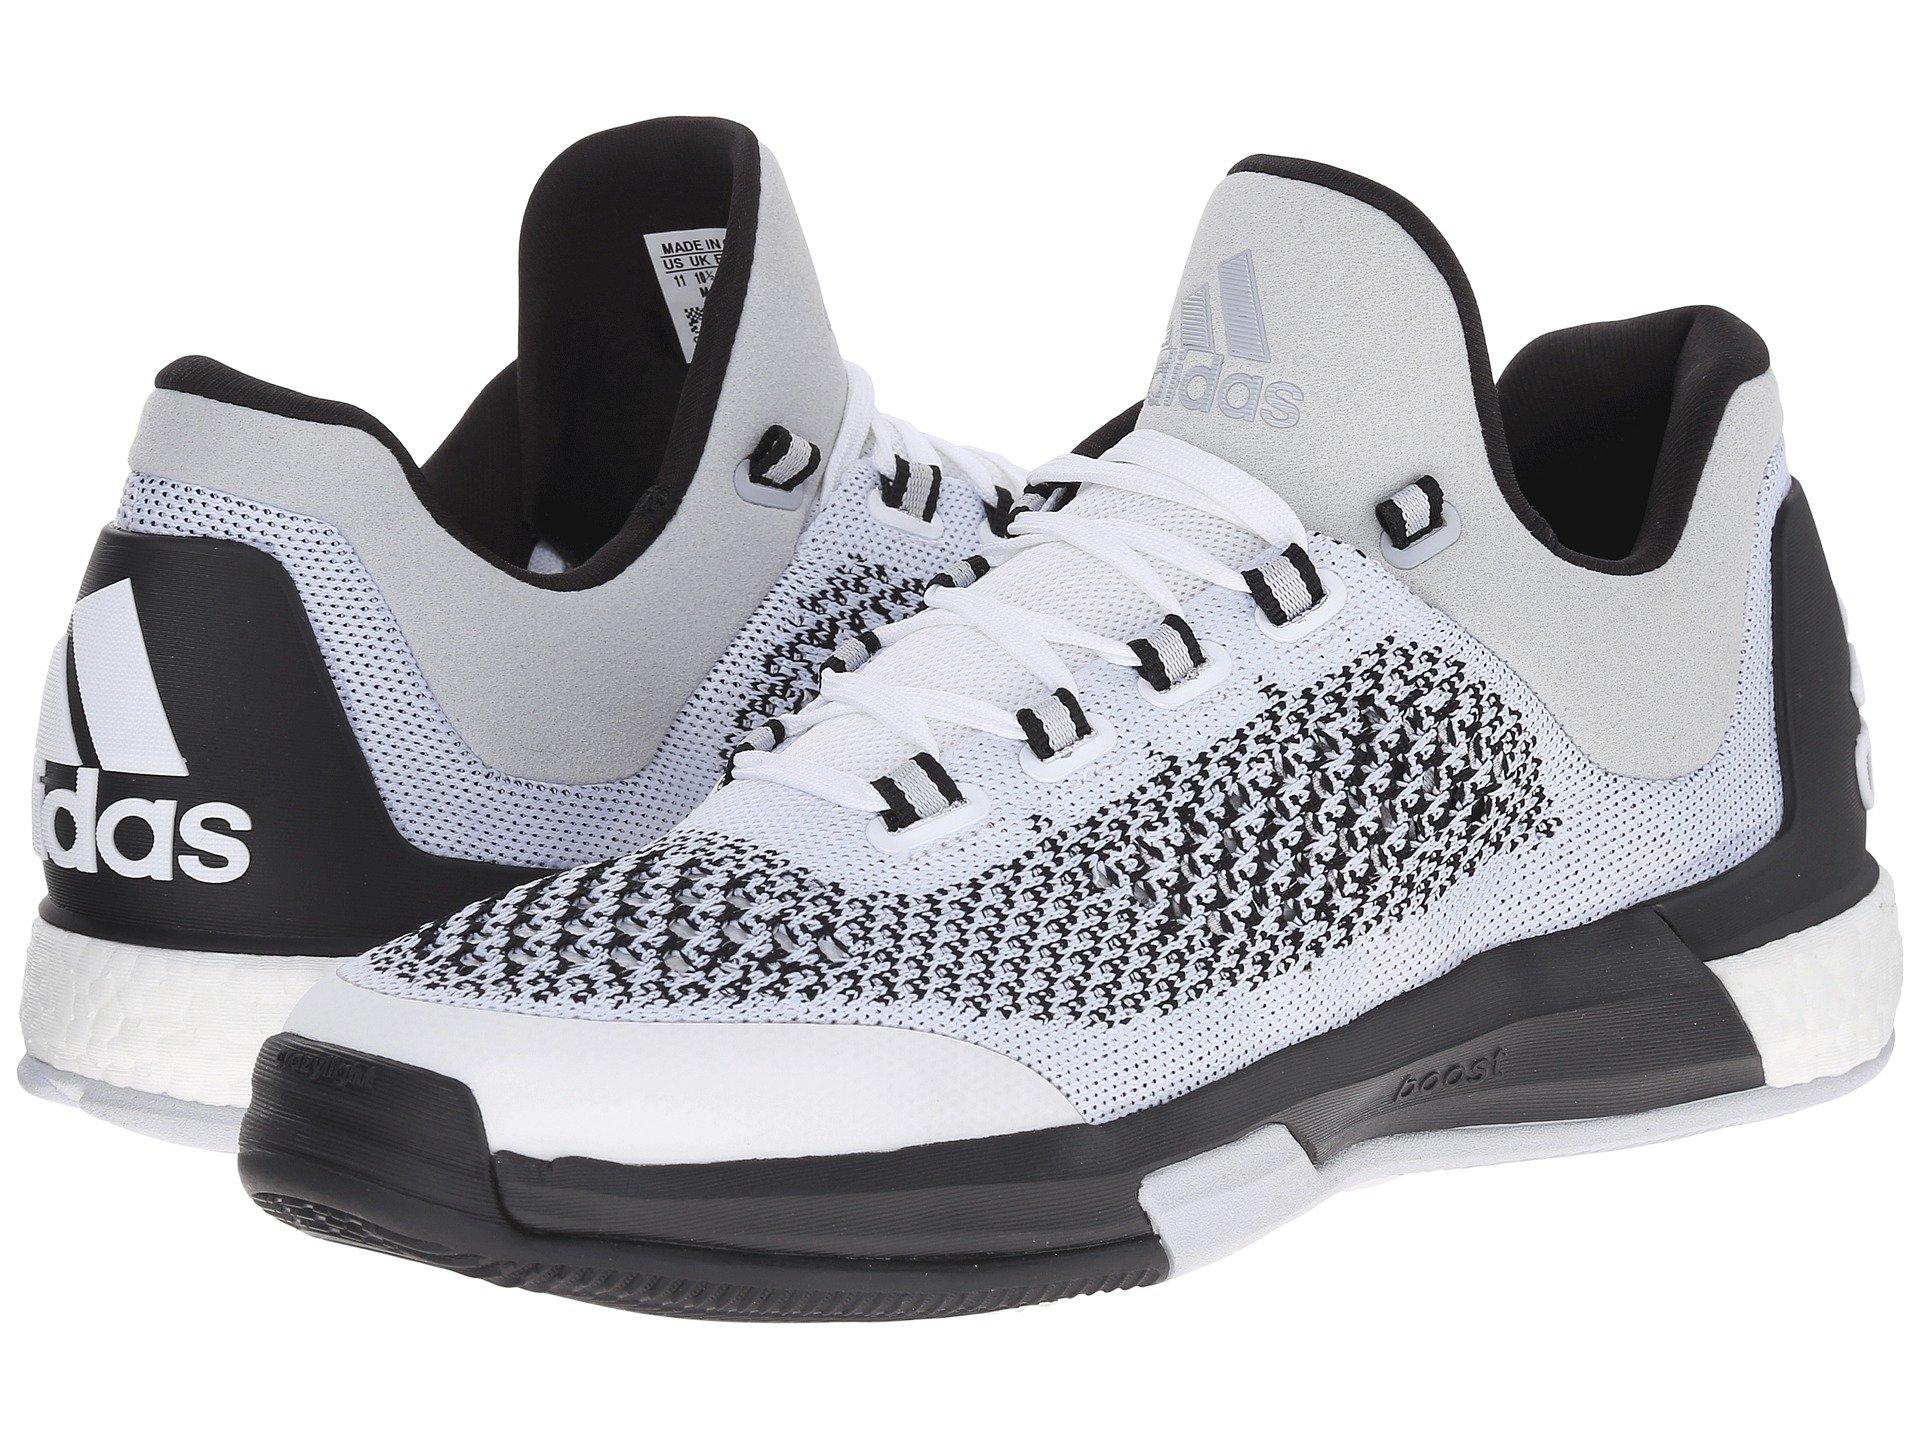 Tenis para Hombre adidas 2015 Crazylight Boost Primeknit  + adidas en VeoyCompro.net